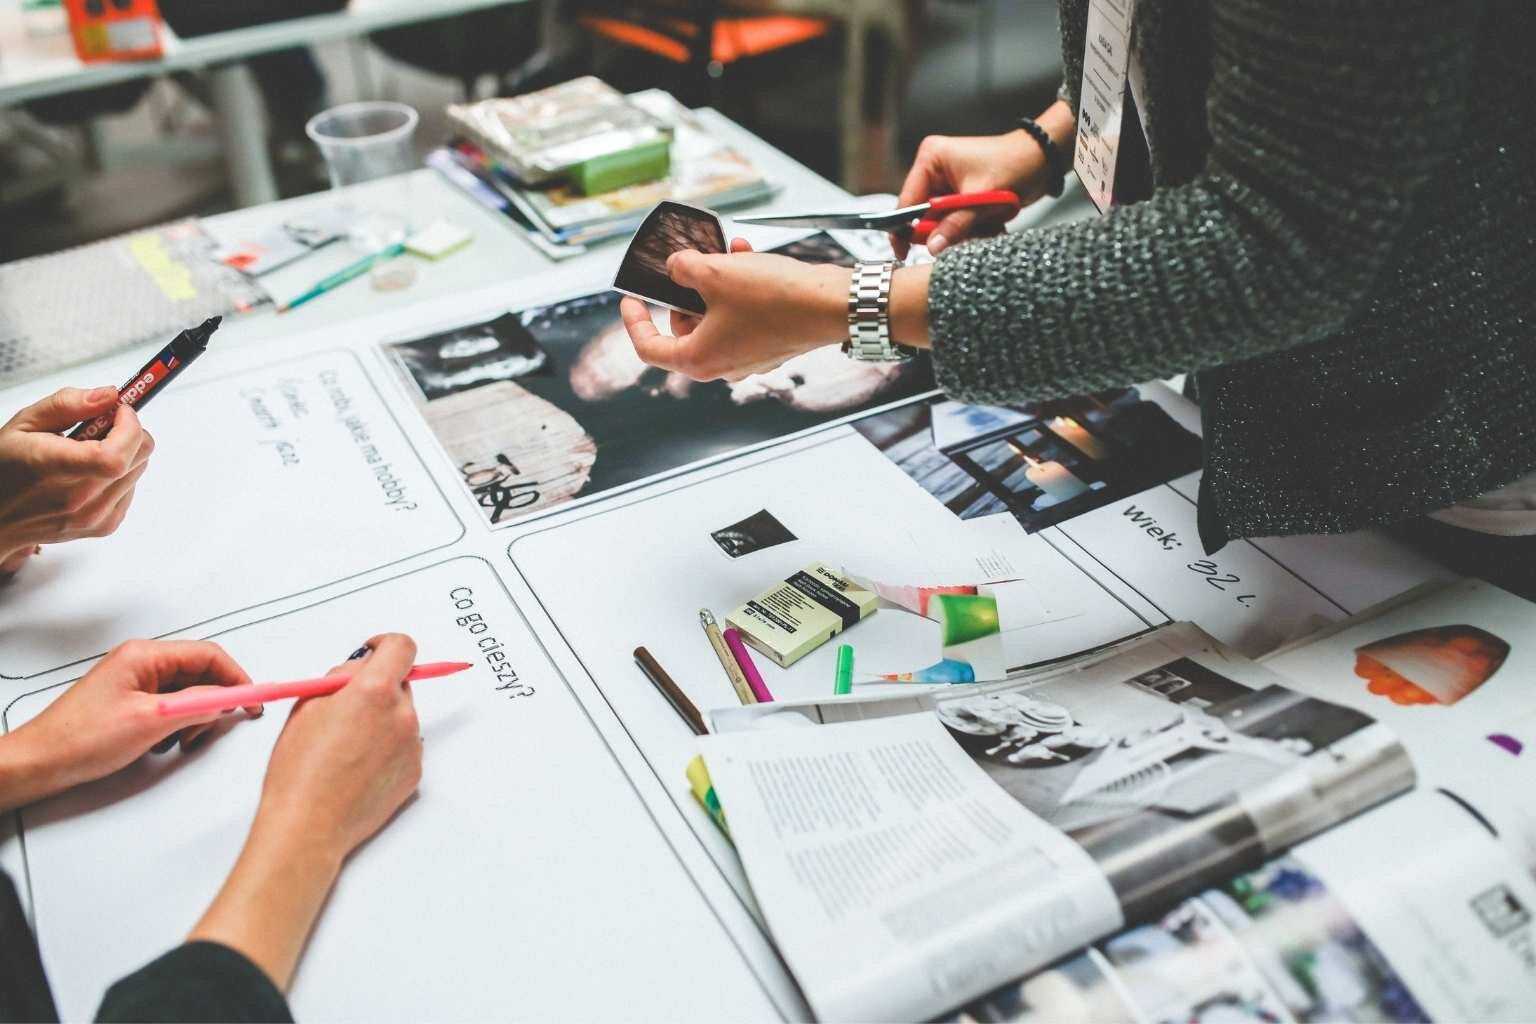 konsultacje-marketingowe-agencja-budowanie-marki-osobistej